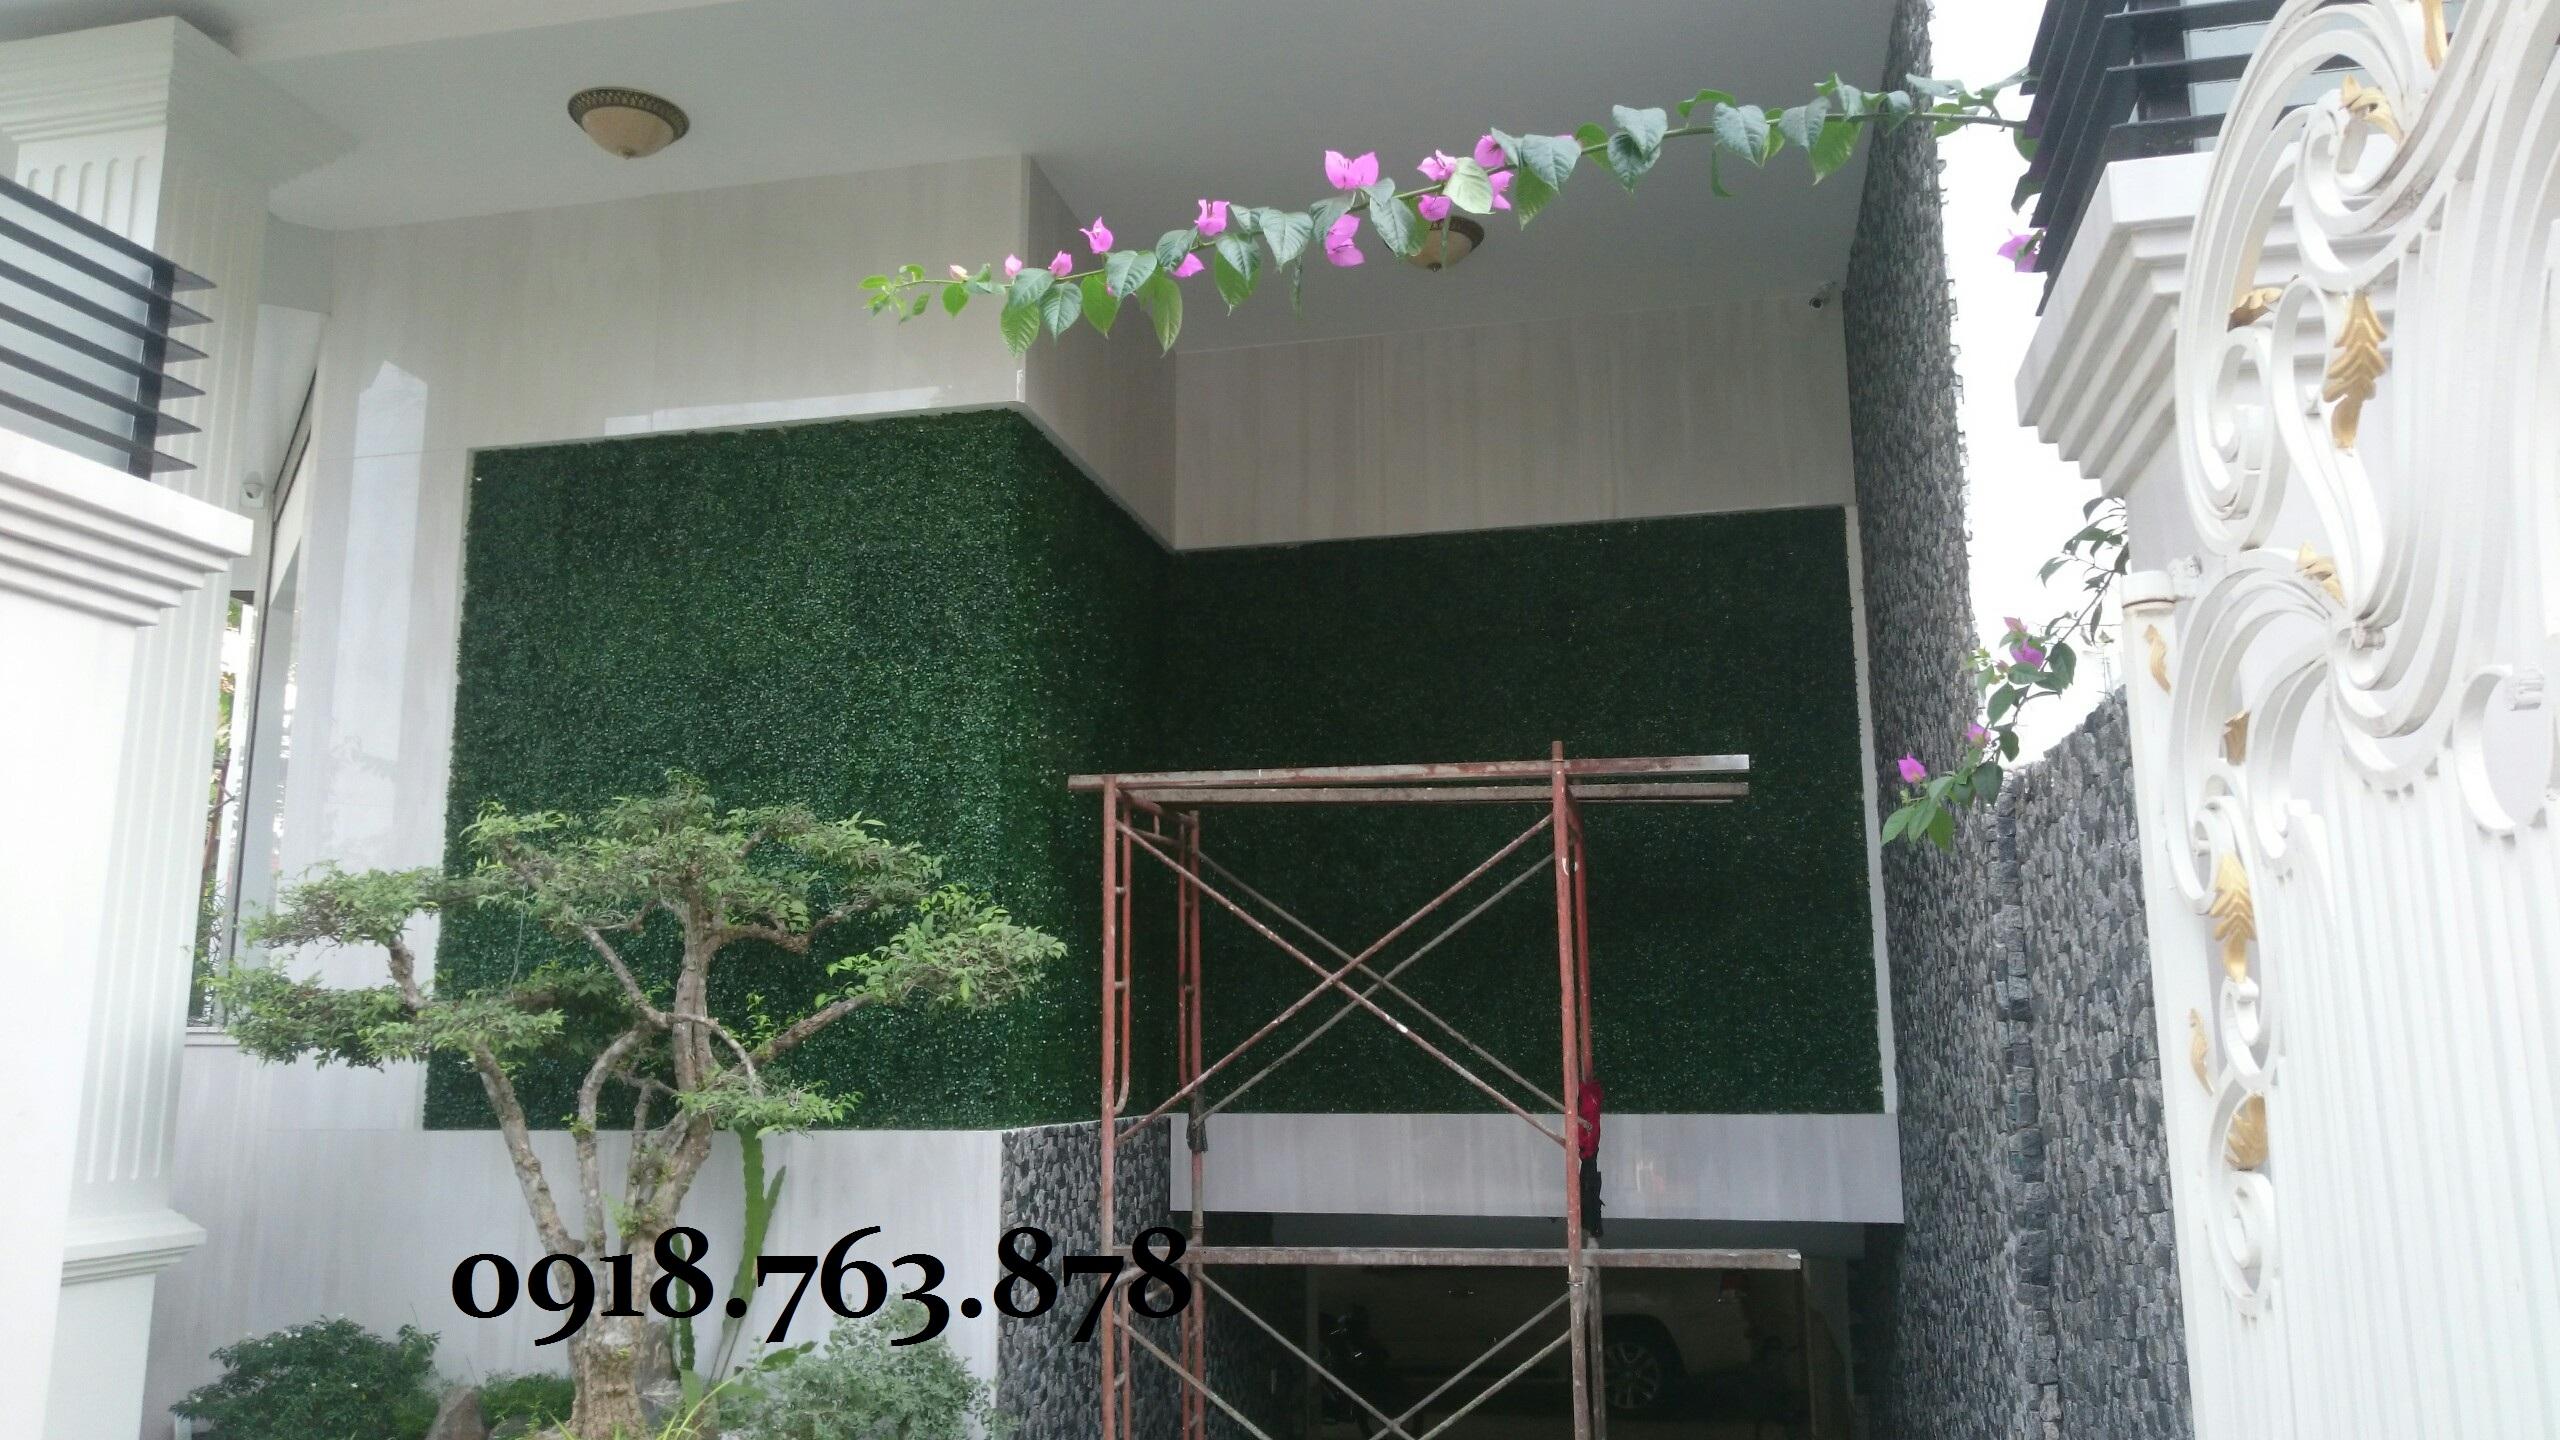 Thi công tường cây giả quận 7